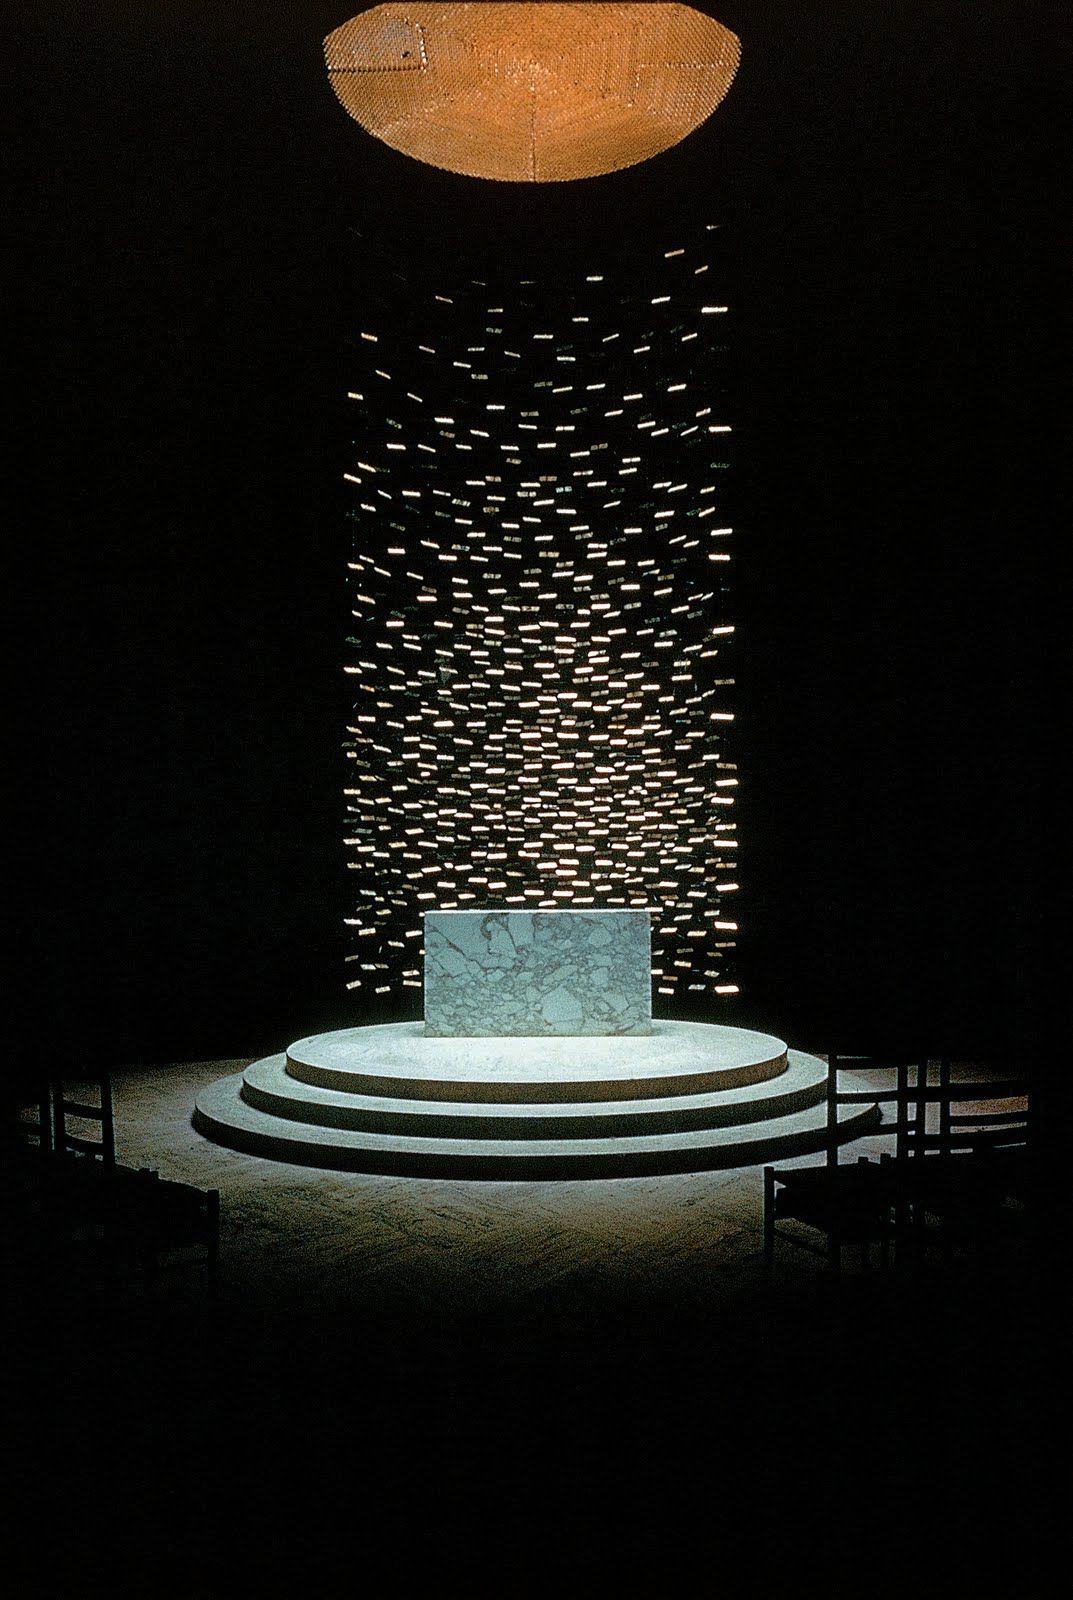 Altar At Mit Chapel Eero Saarinen Arquitectura Religiosa Laminas De Arquitectura Arquitectura Brutalista